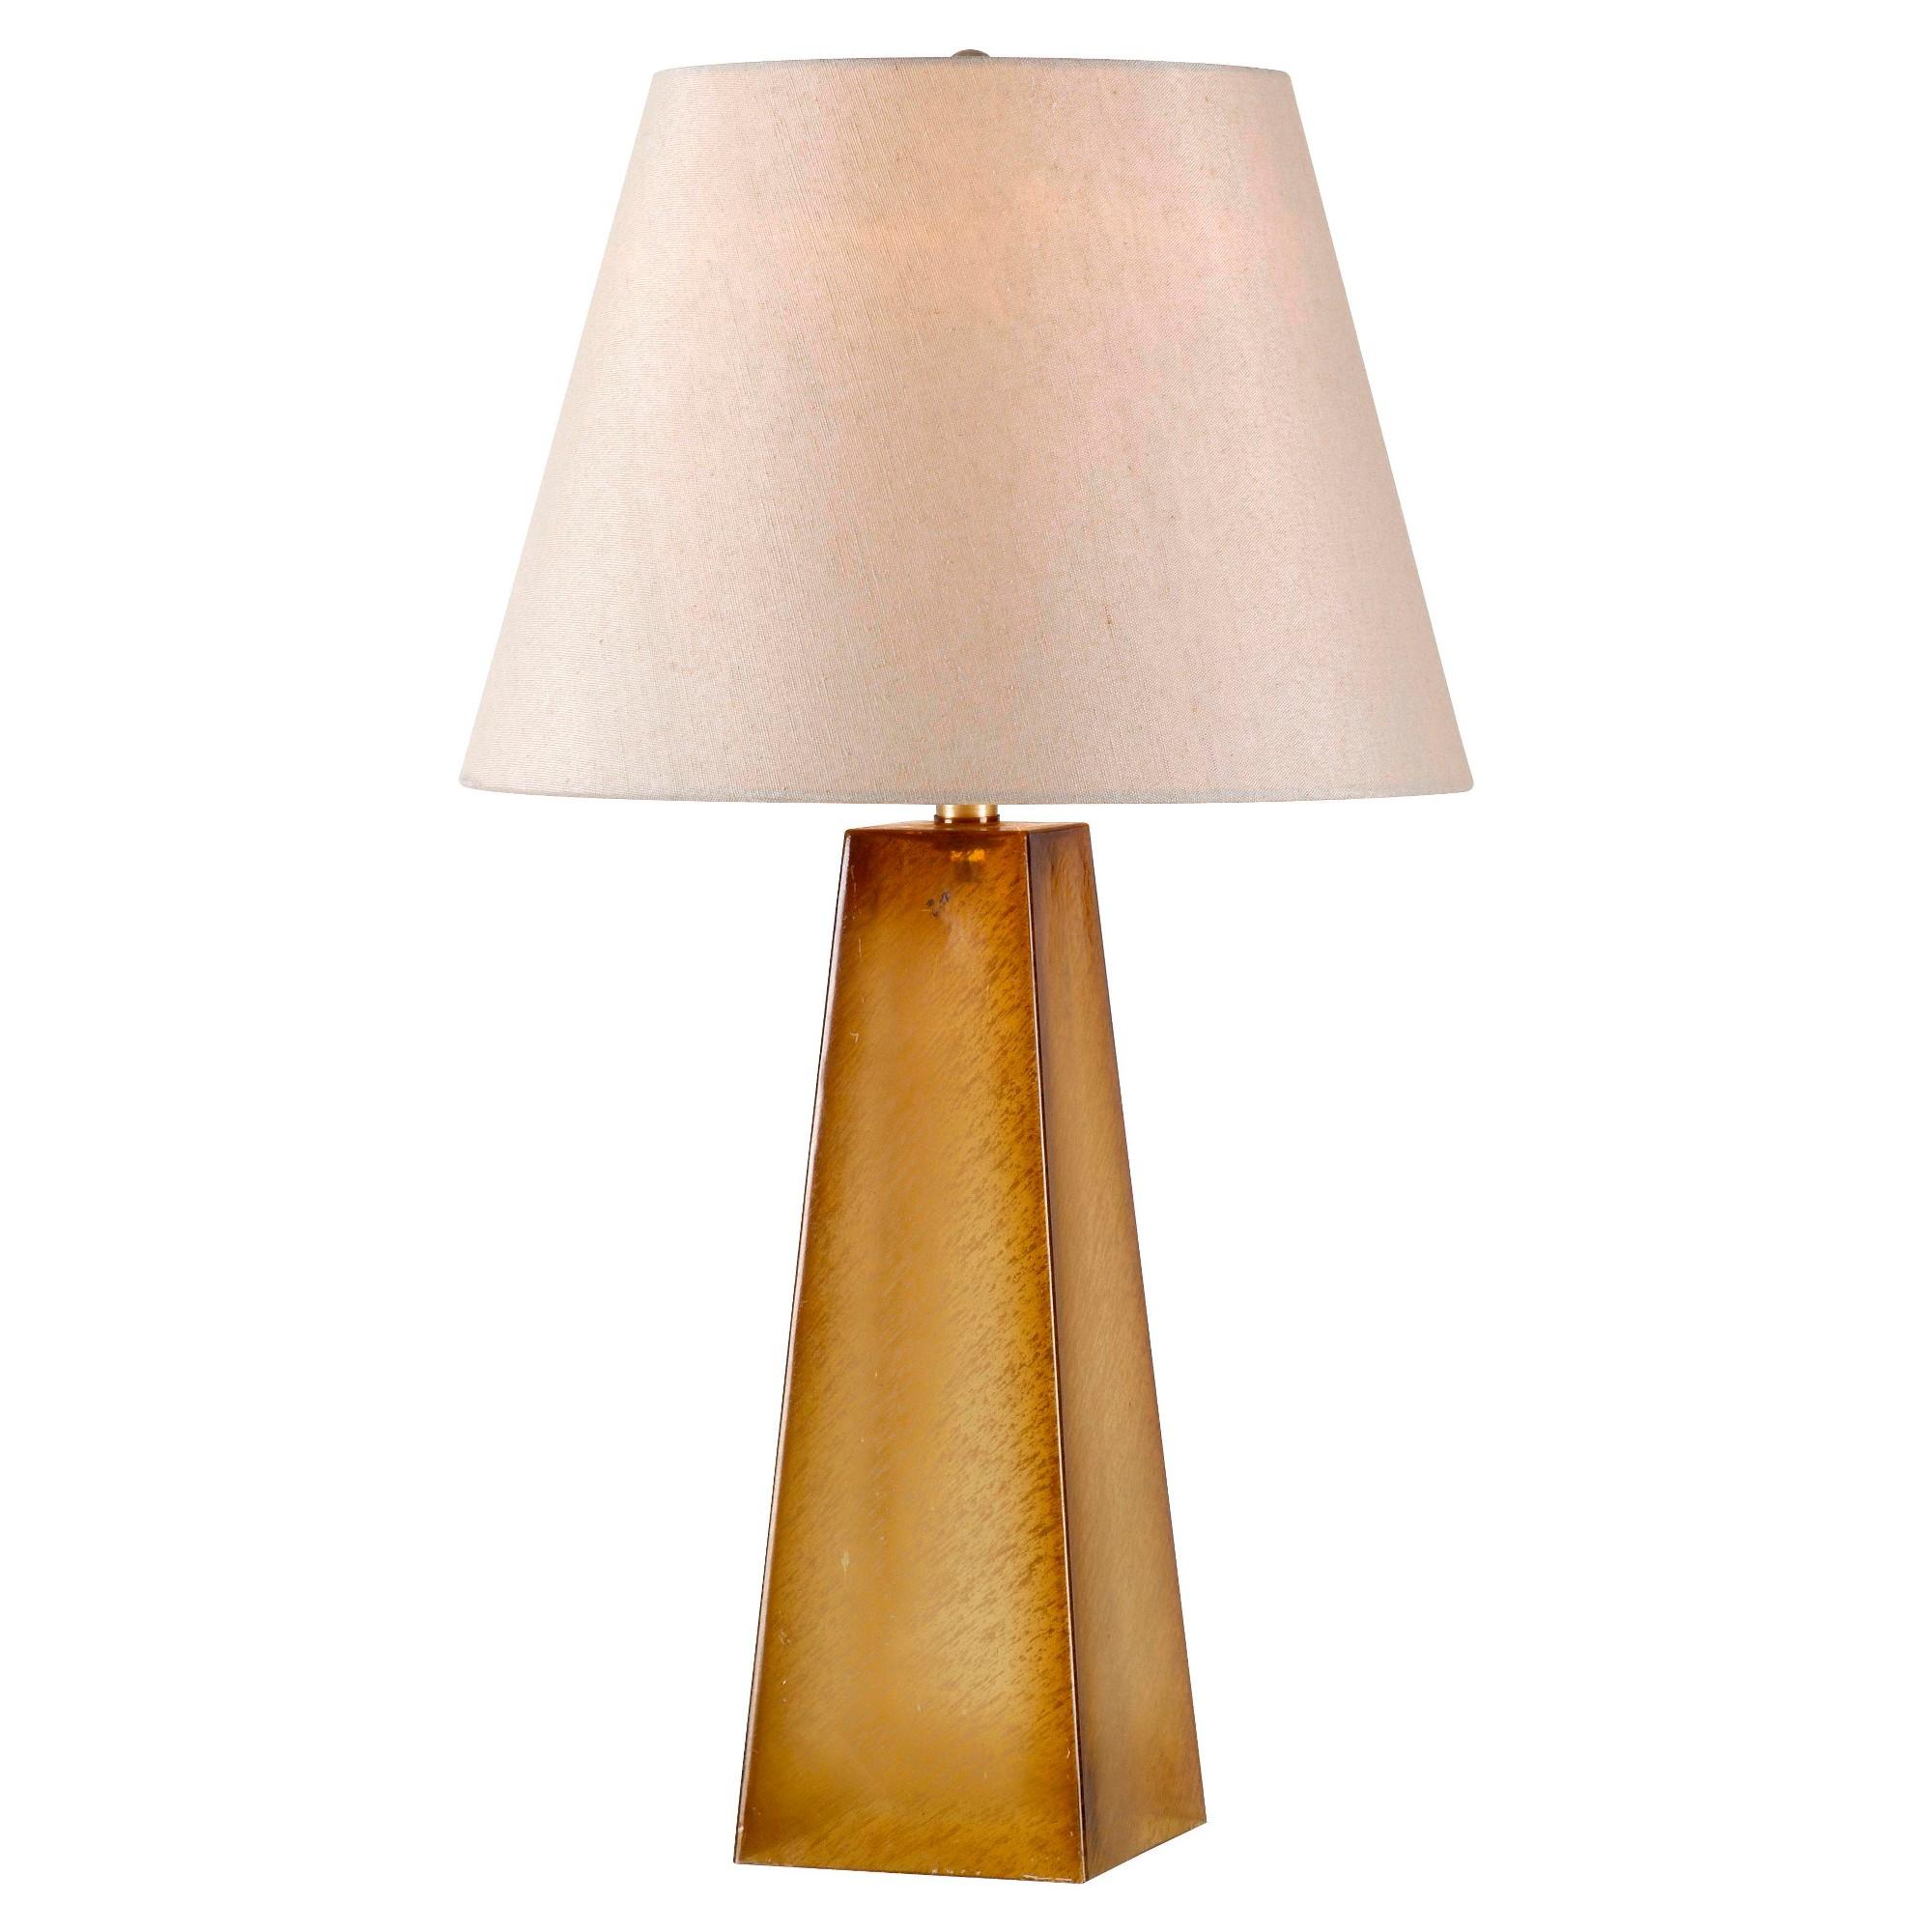 Kenroy Home Table Lamp Desert Tan Lamp, Table lamp